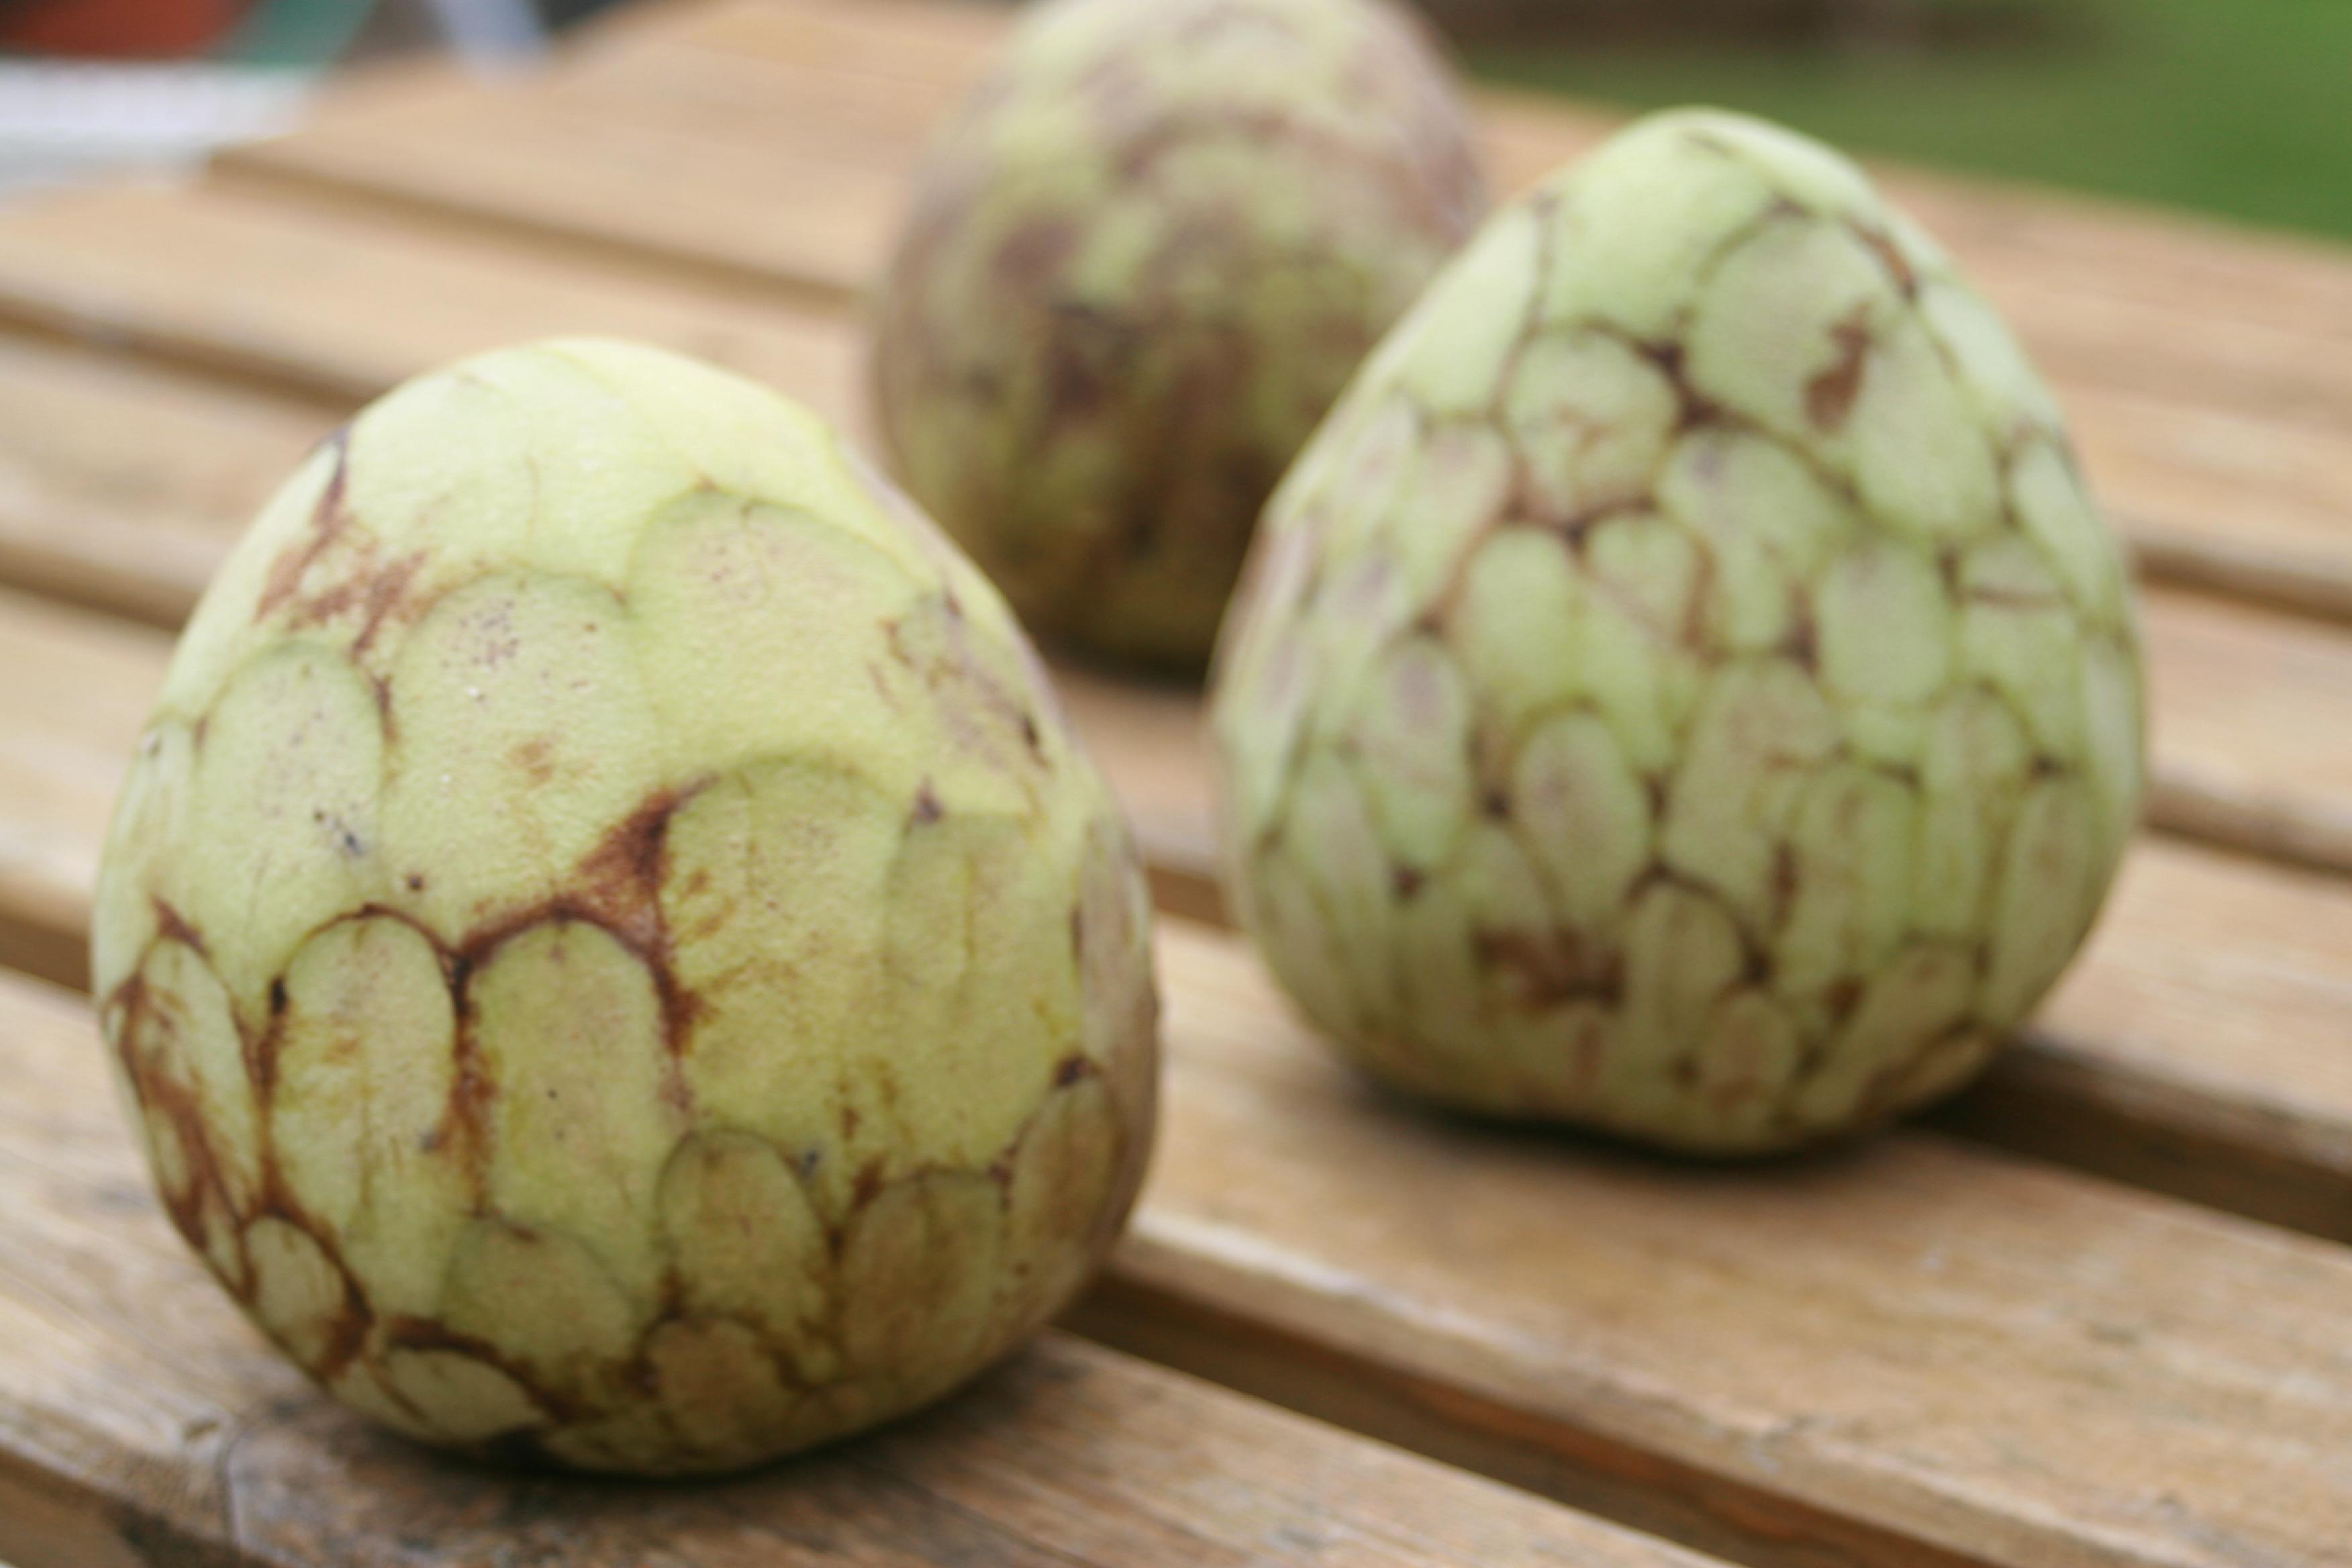 jamaican custard apple - photo #20